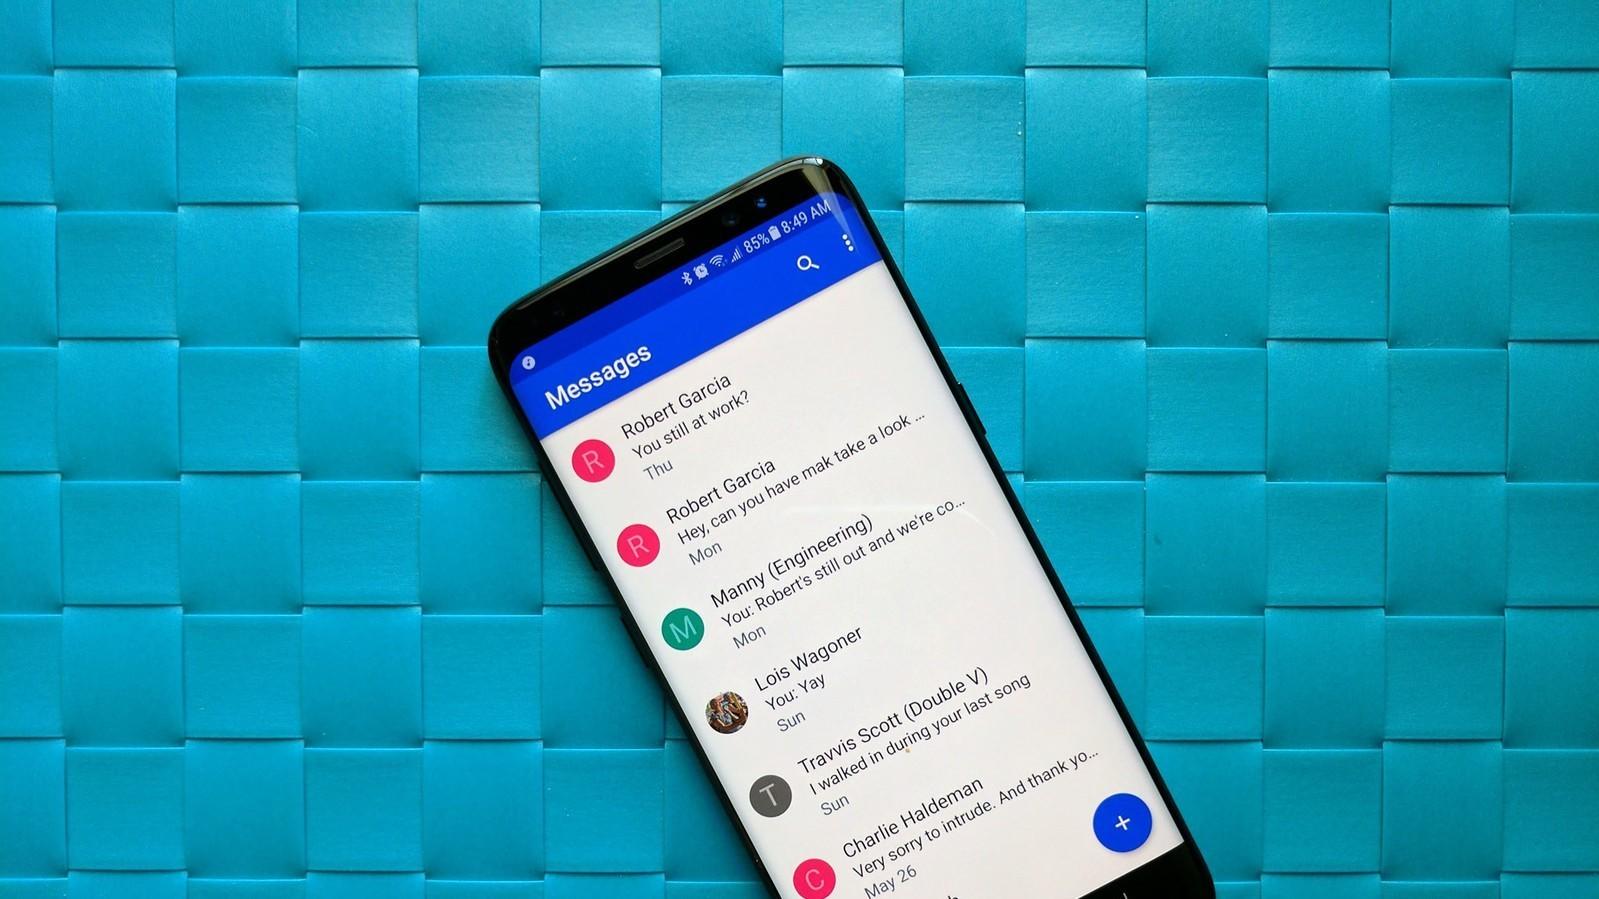 Приложение «Android Сообщения» научилось копировать код двухфакторной аутентификации